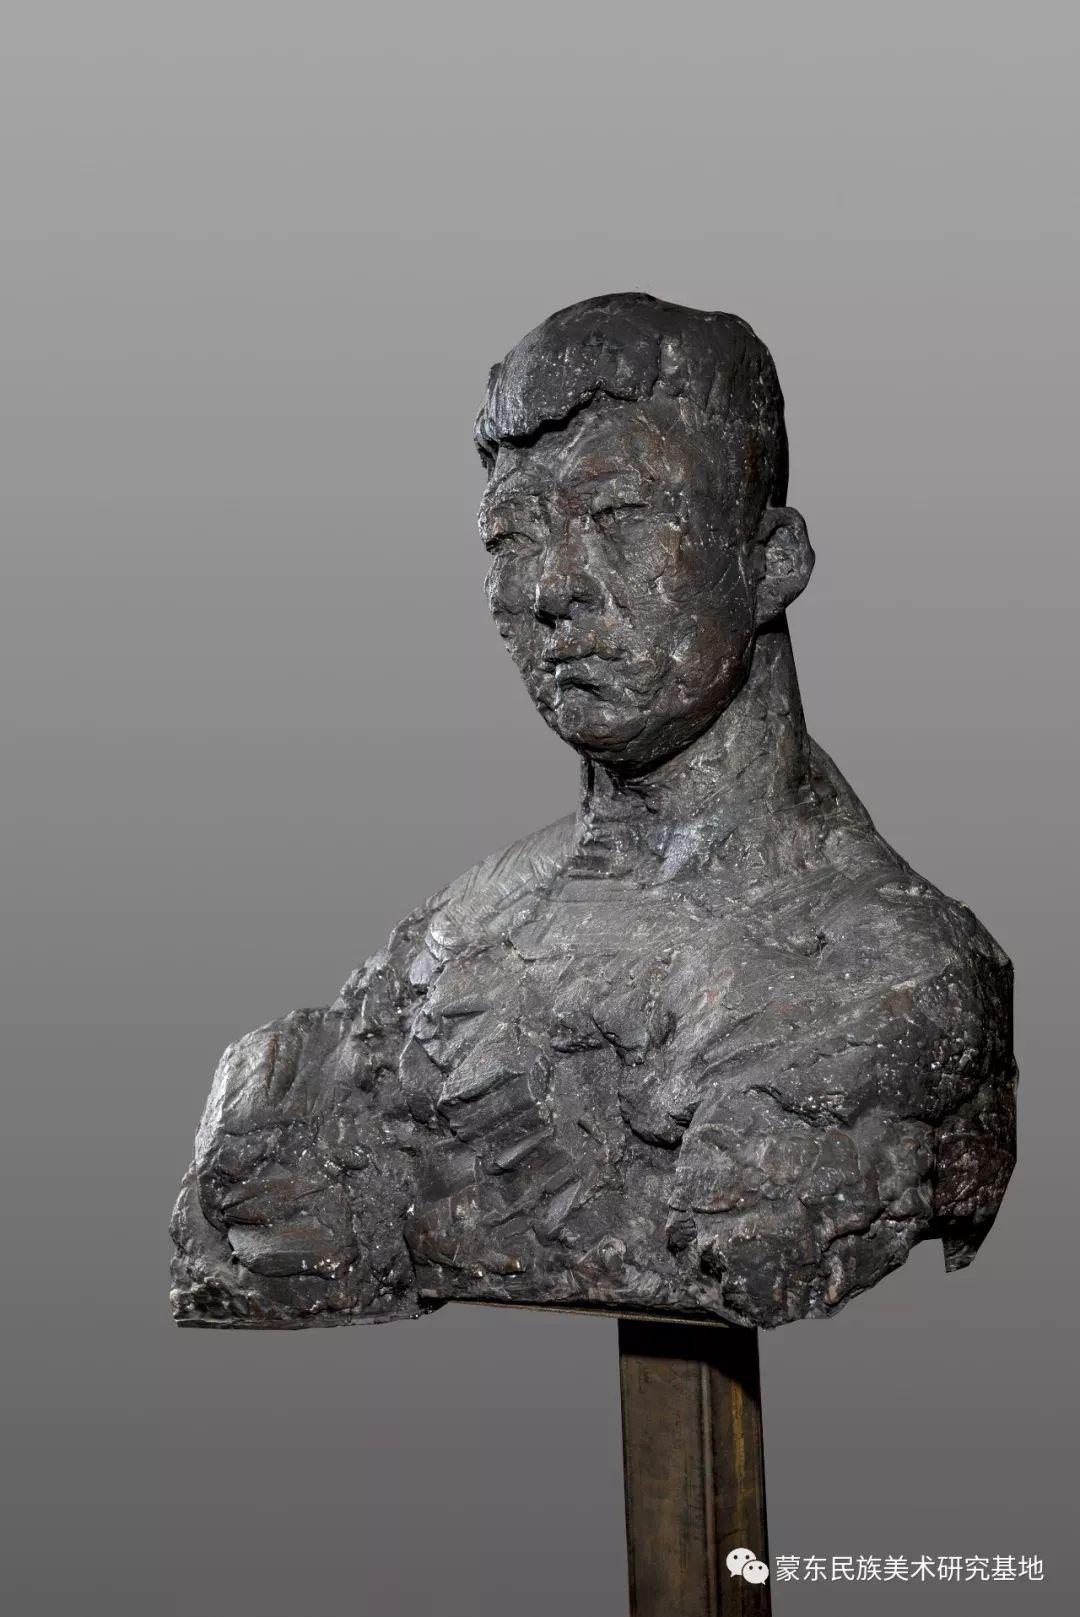 包格日乐吐作品——头像雕塑系列(一) 第5张 包格日乐吐作品——头像雕塑系列(一) 蒙古画廊